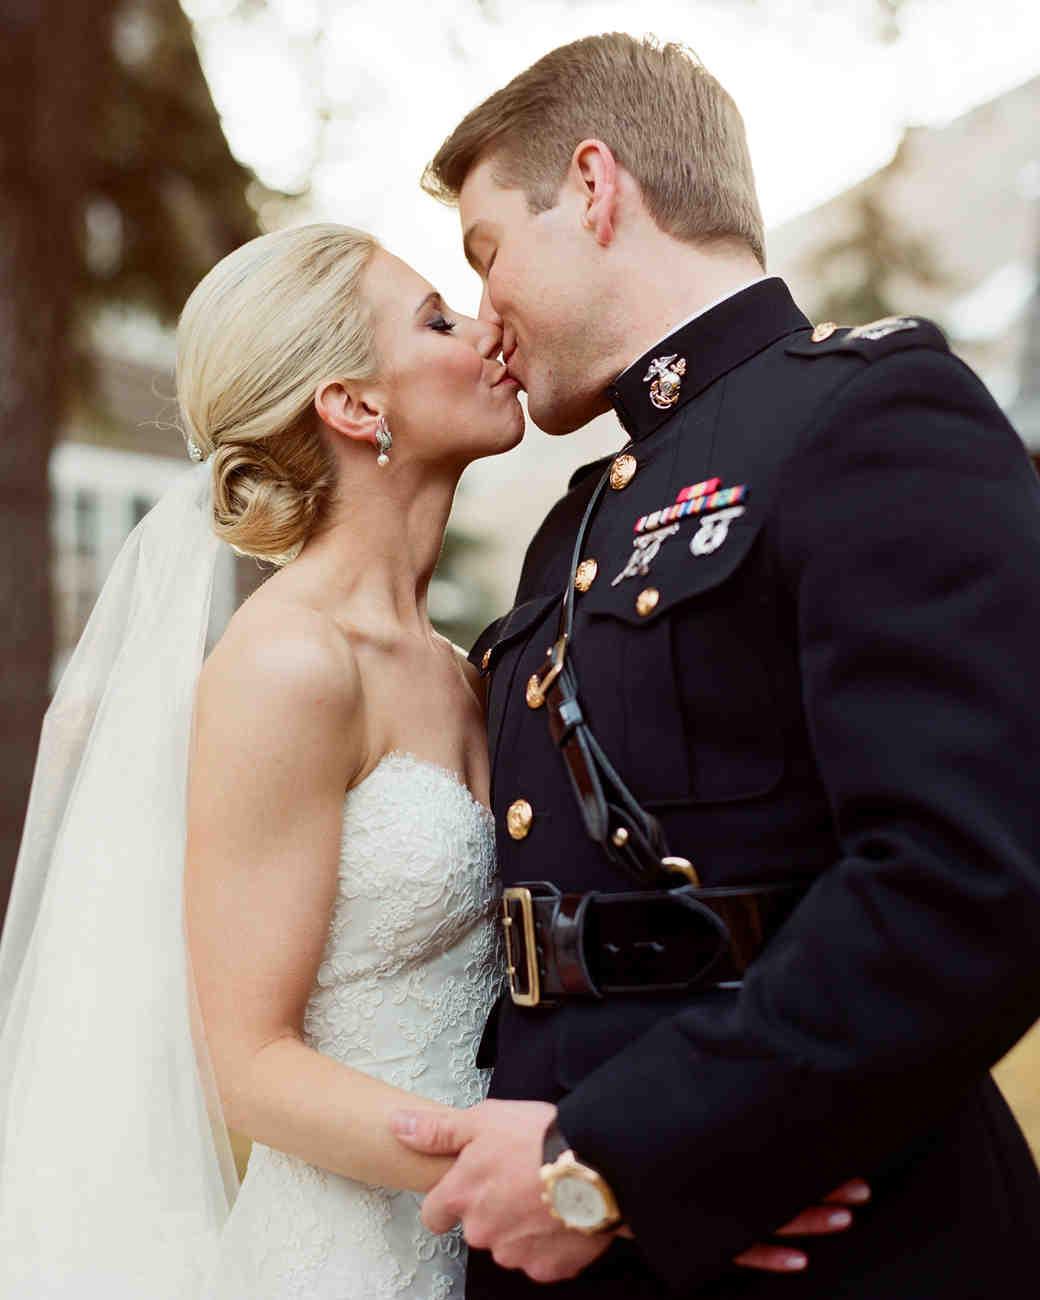 Destination Wedding Elizabeth And Patrick Jackson Hole Wyoming Martha Stewart Weddings: Marine Dress Blues Wedding At Reisefeber.org